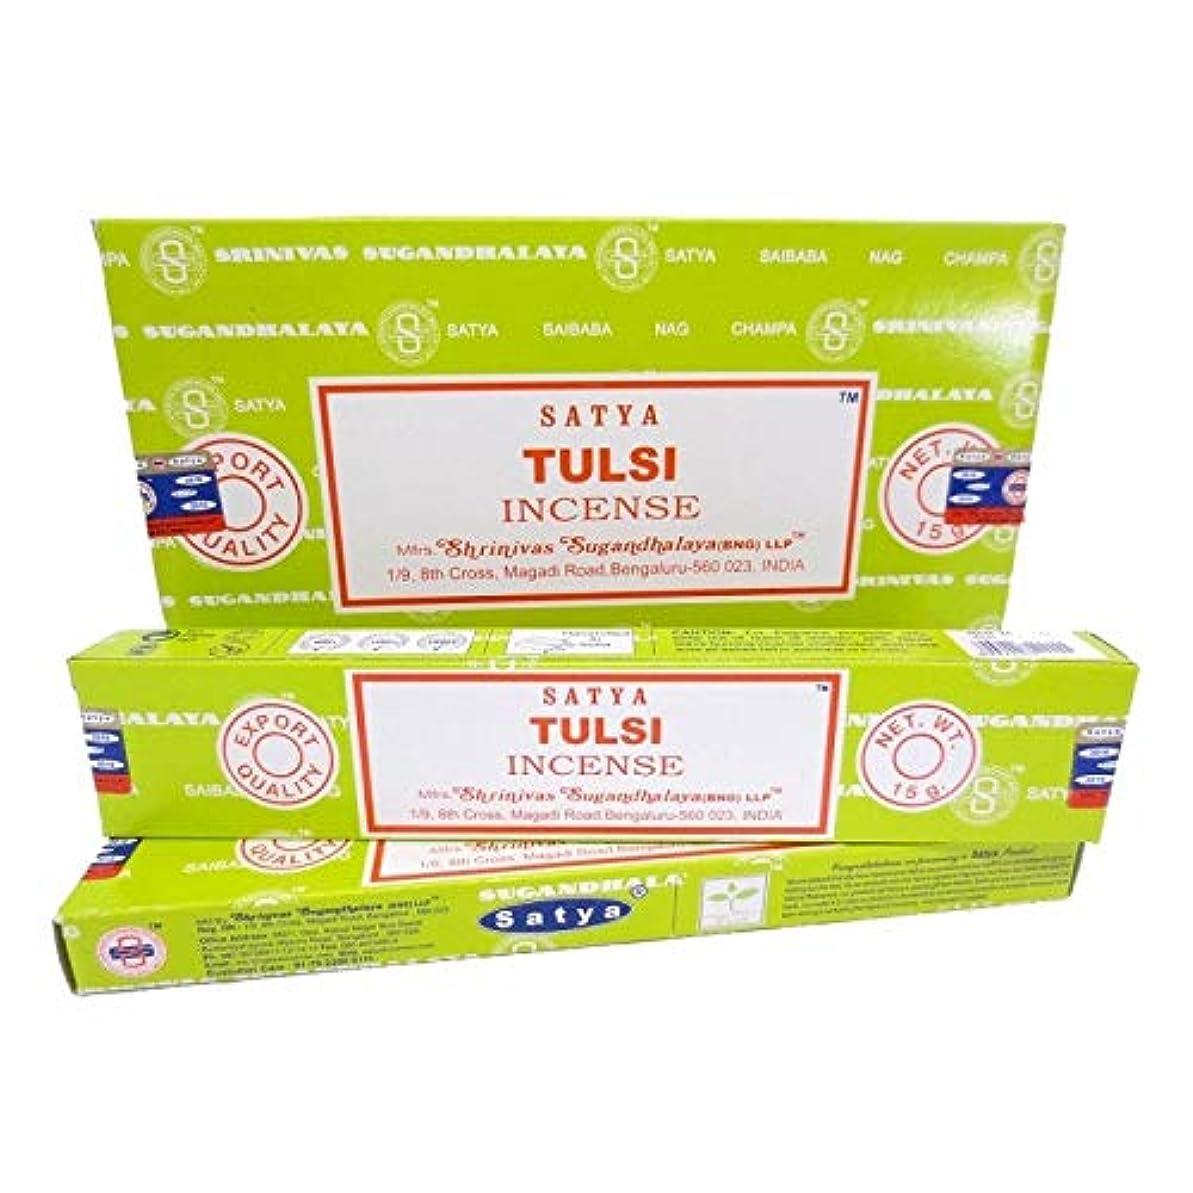 六分儀価格ドックSatya Incense 1箱に12個の人気の香り - スティック(Tulsi)